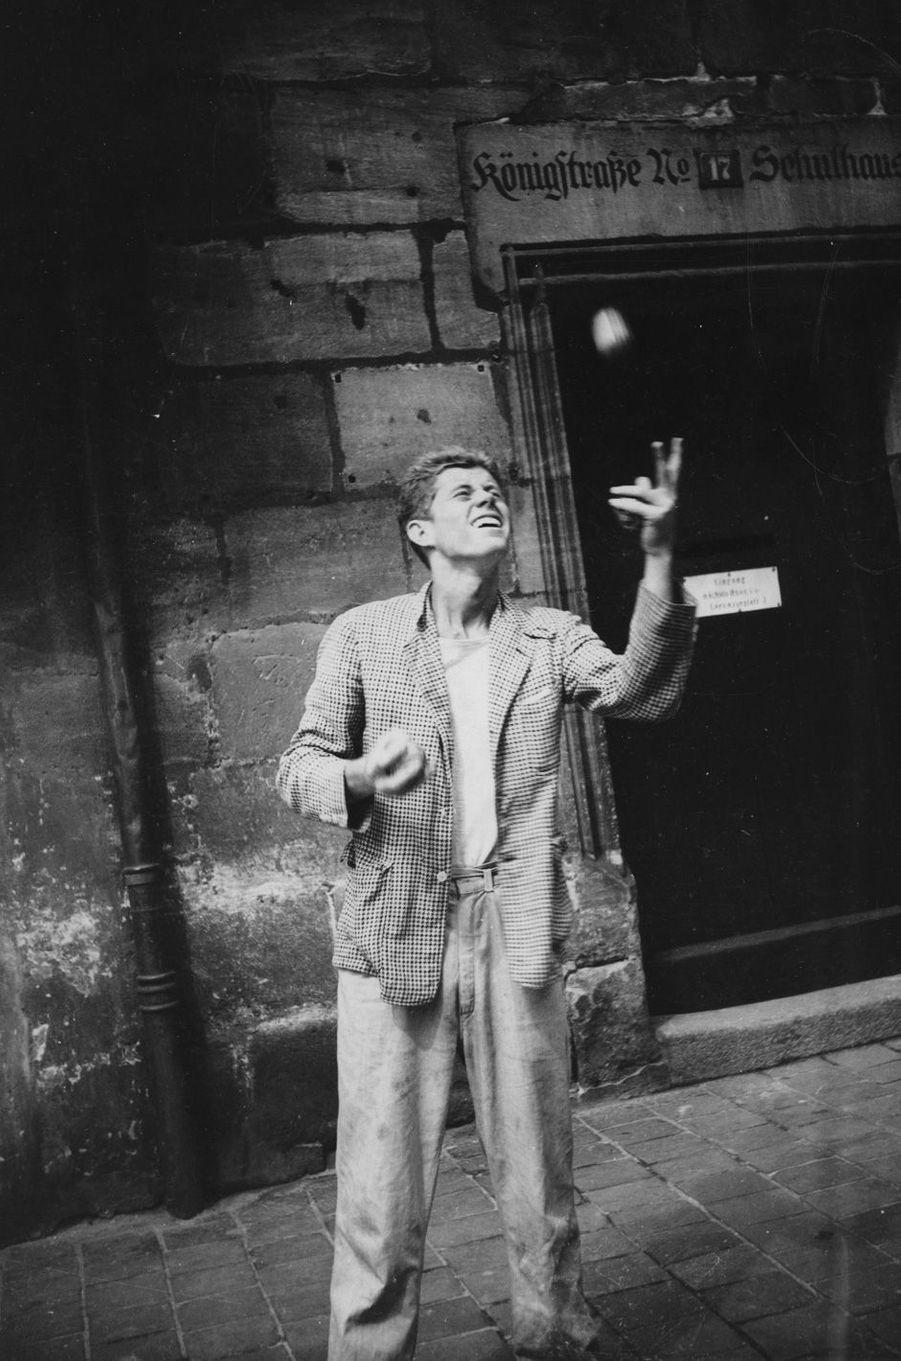 En 1937, John F. Kennedy jongle àNuremberg, en Allemagne.